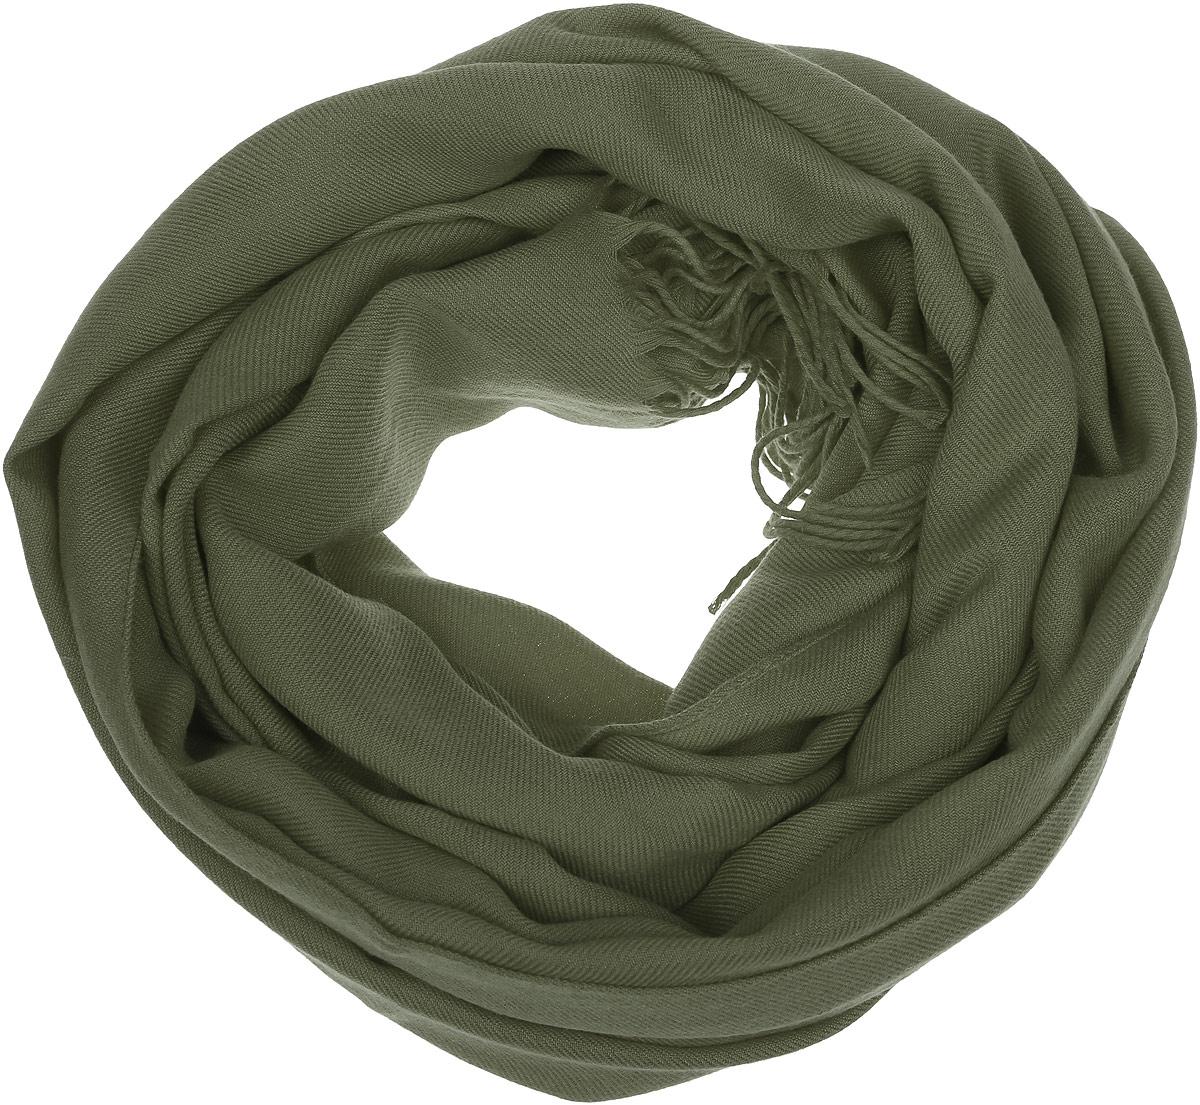 6303341-04Однотонный палантин Venera выполнен из мягкой вискозы. Края палантина декорированы тонкими кисточками, скрученными в жгутики. Этот модный аксессуар гармонично дополнит образ современной женщины, следящей за своим имиджем и стремящейся всегда оставаться стильной и элегантной.